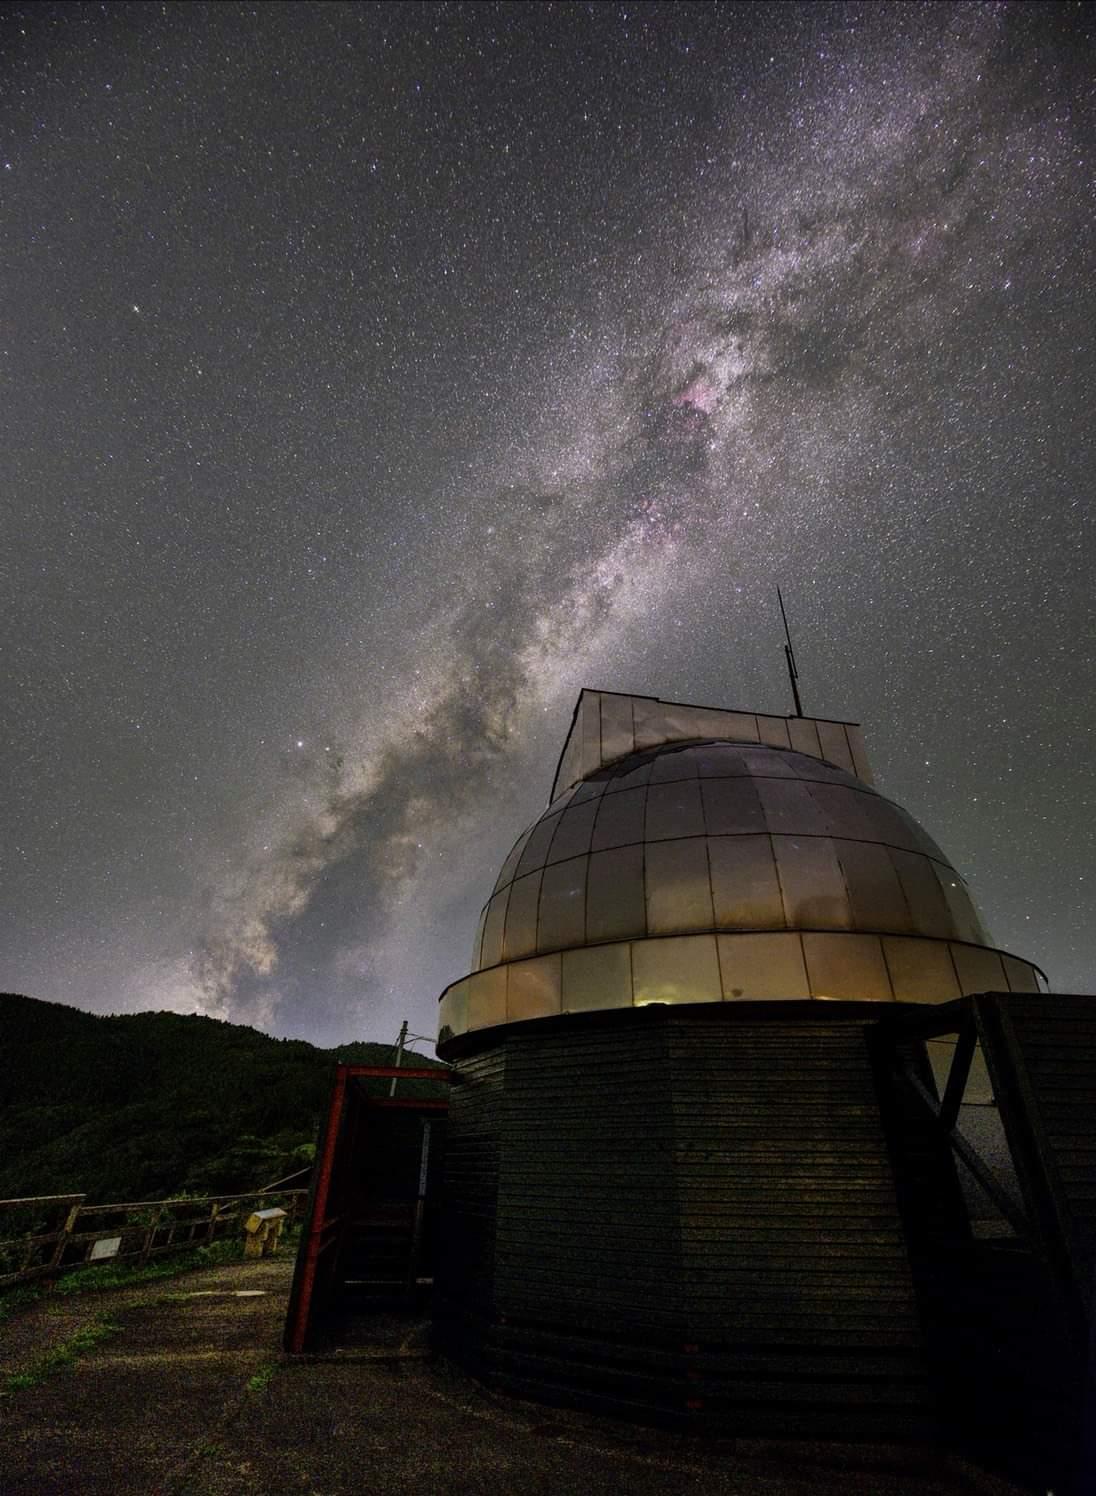 中小屋天文台昴ドームから天の川が肉眼でもはっきり見える